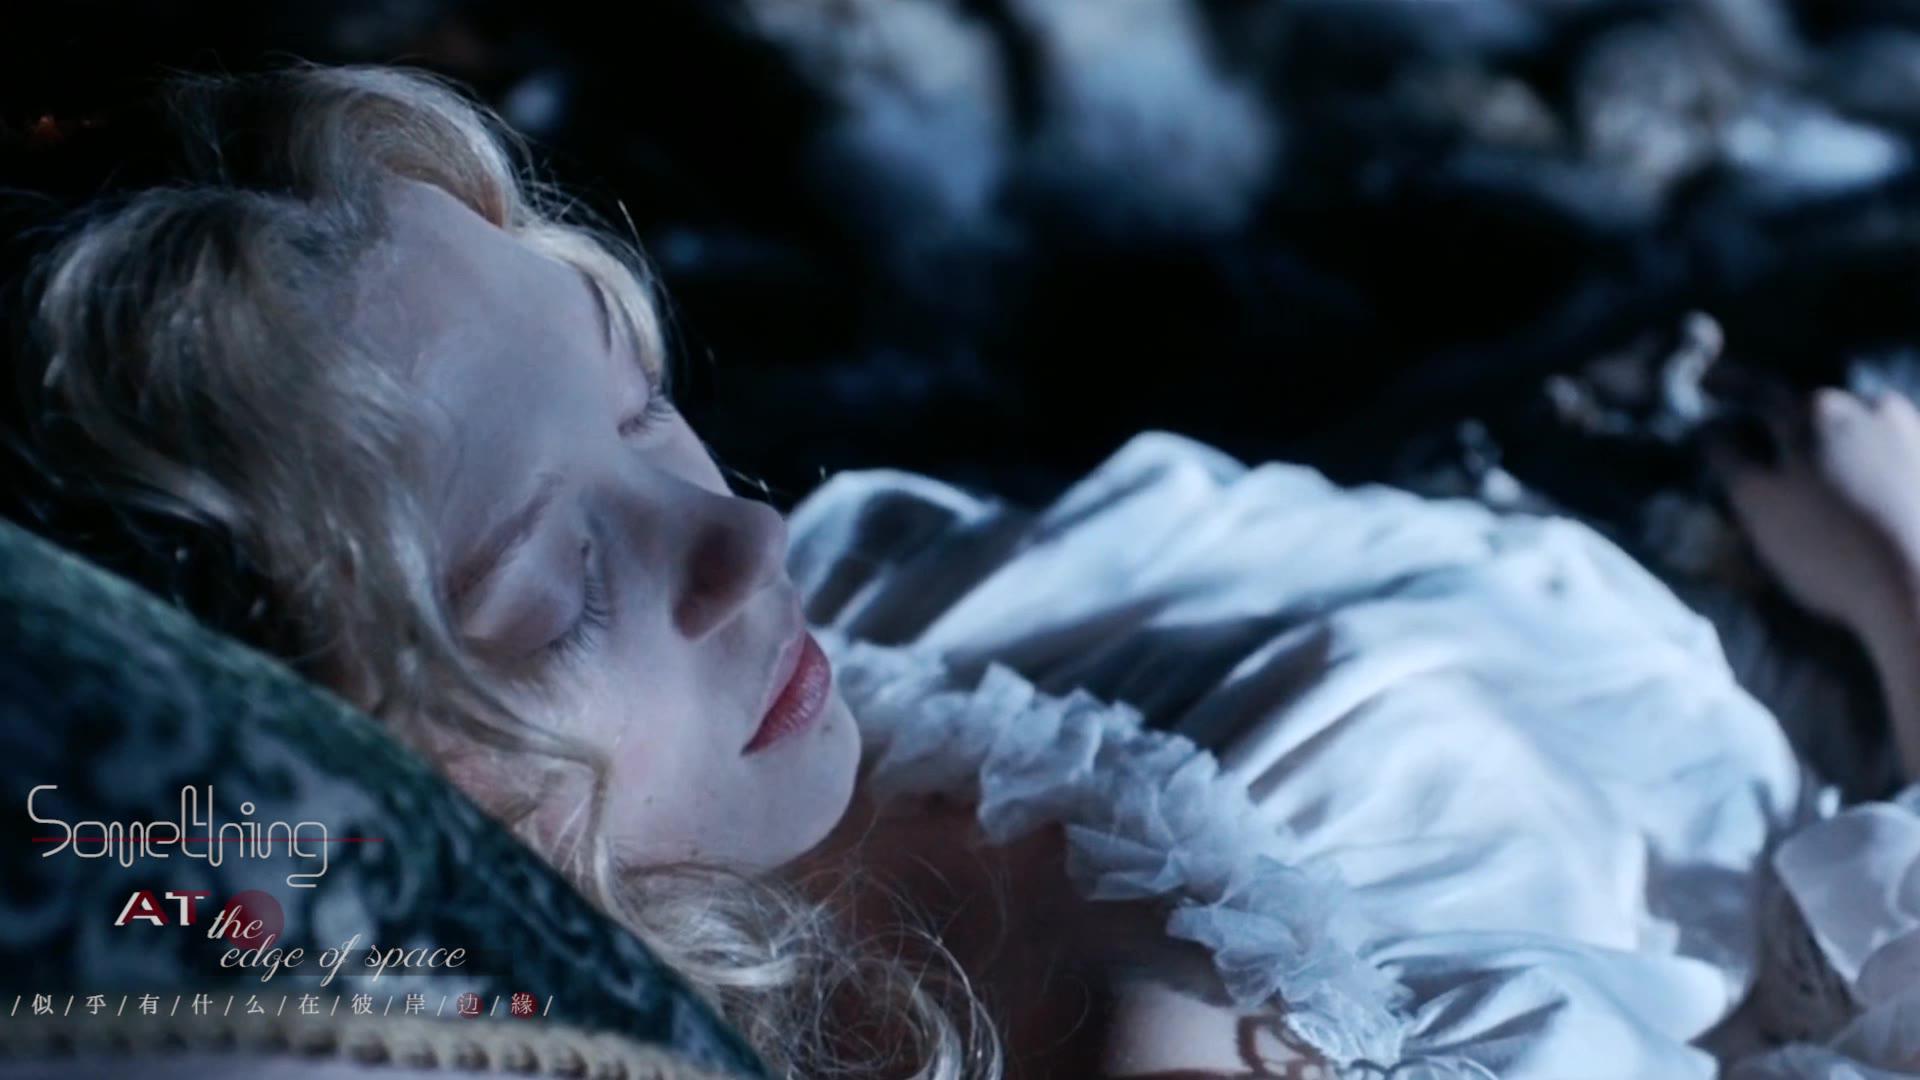 【何止电影·六一主题混剪】愿我们即使长大,也仍能保有一颗童心,让想象穿梭于各种奇幻的世界